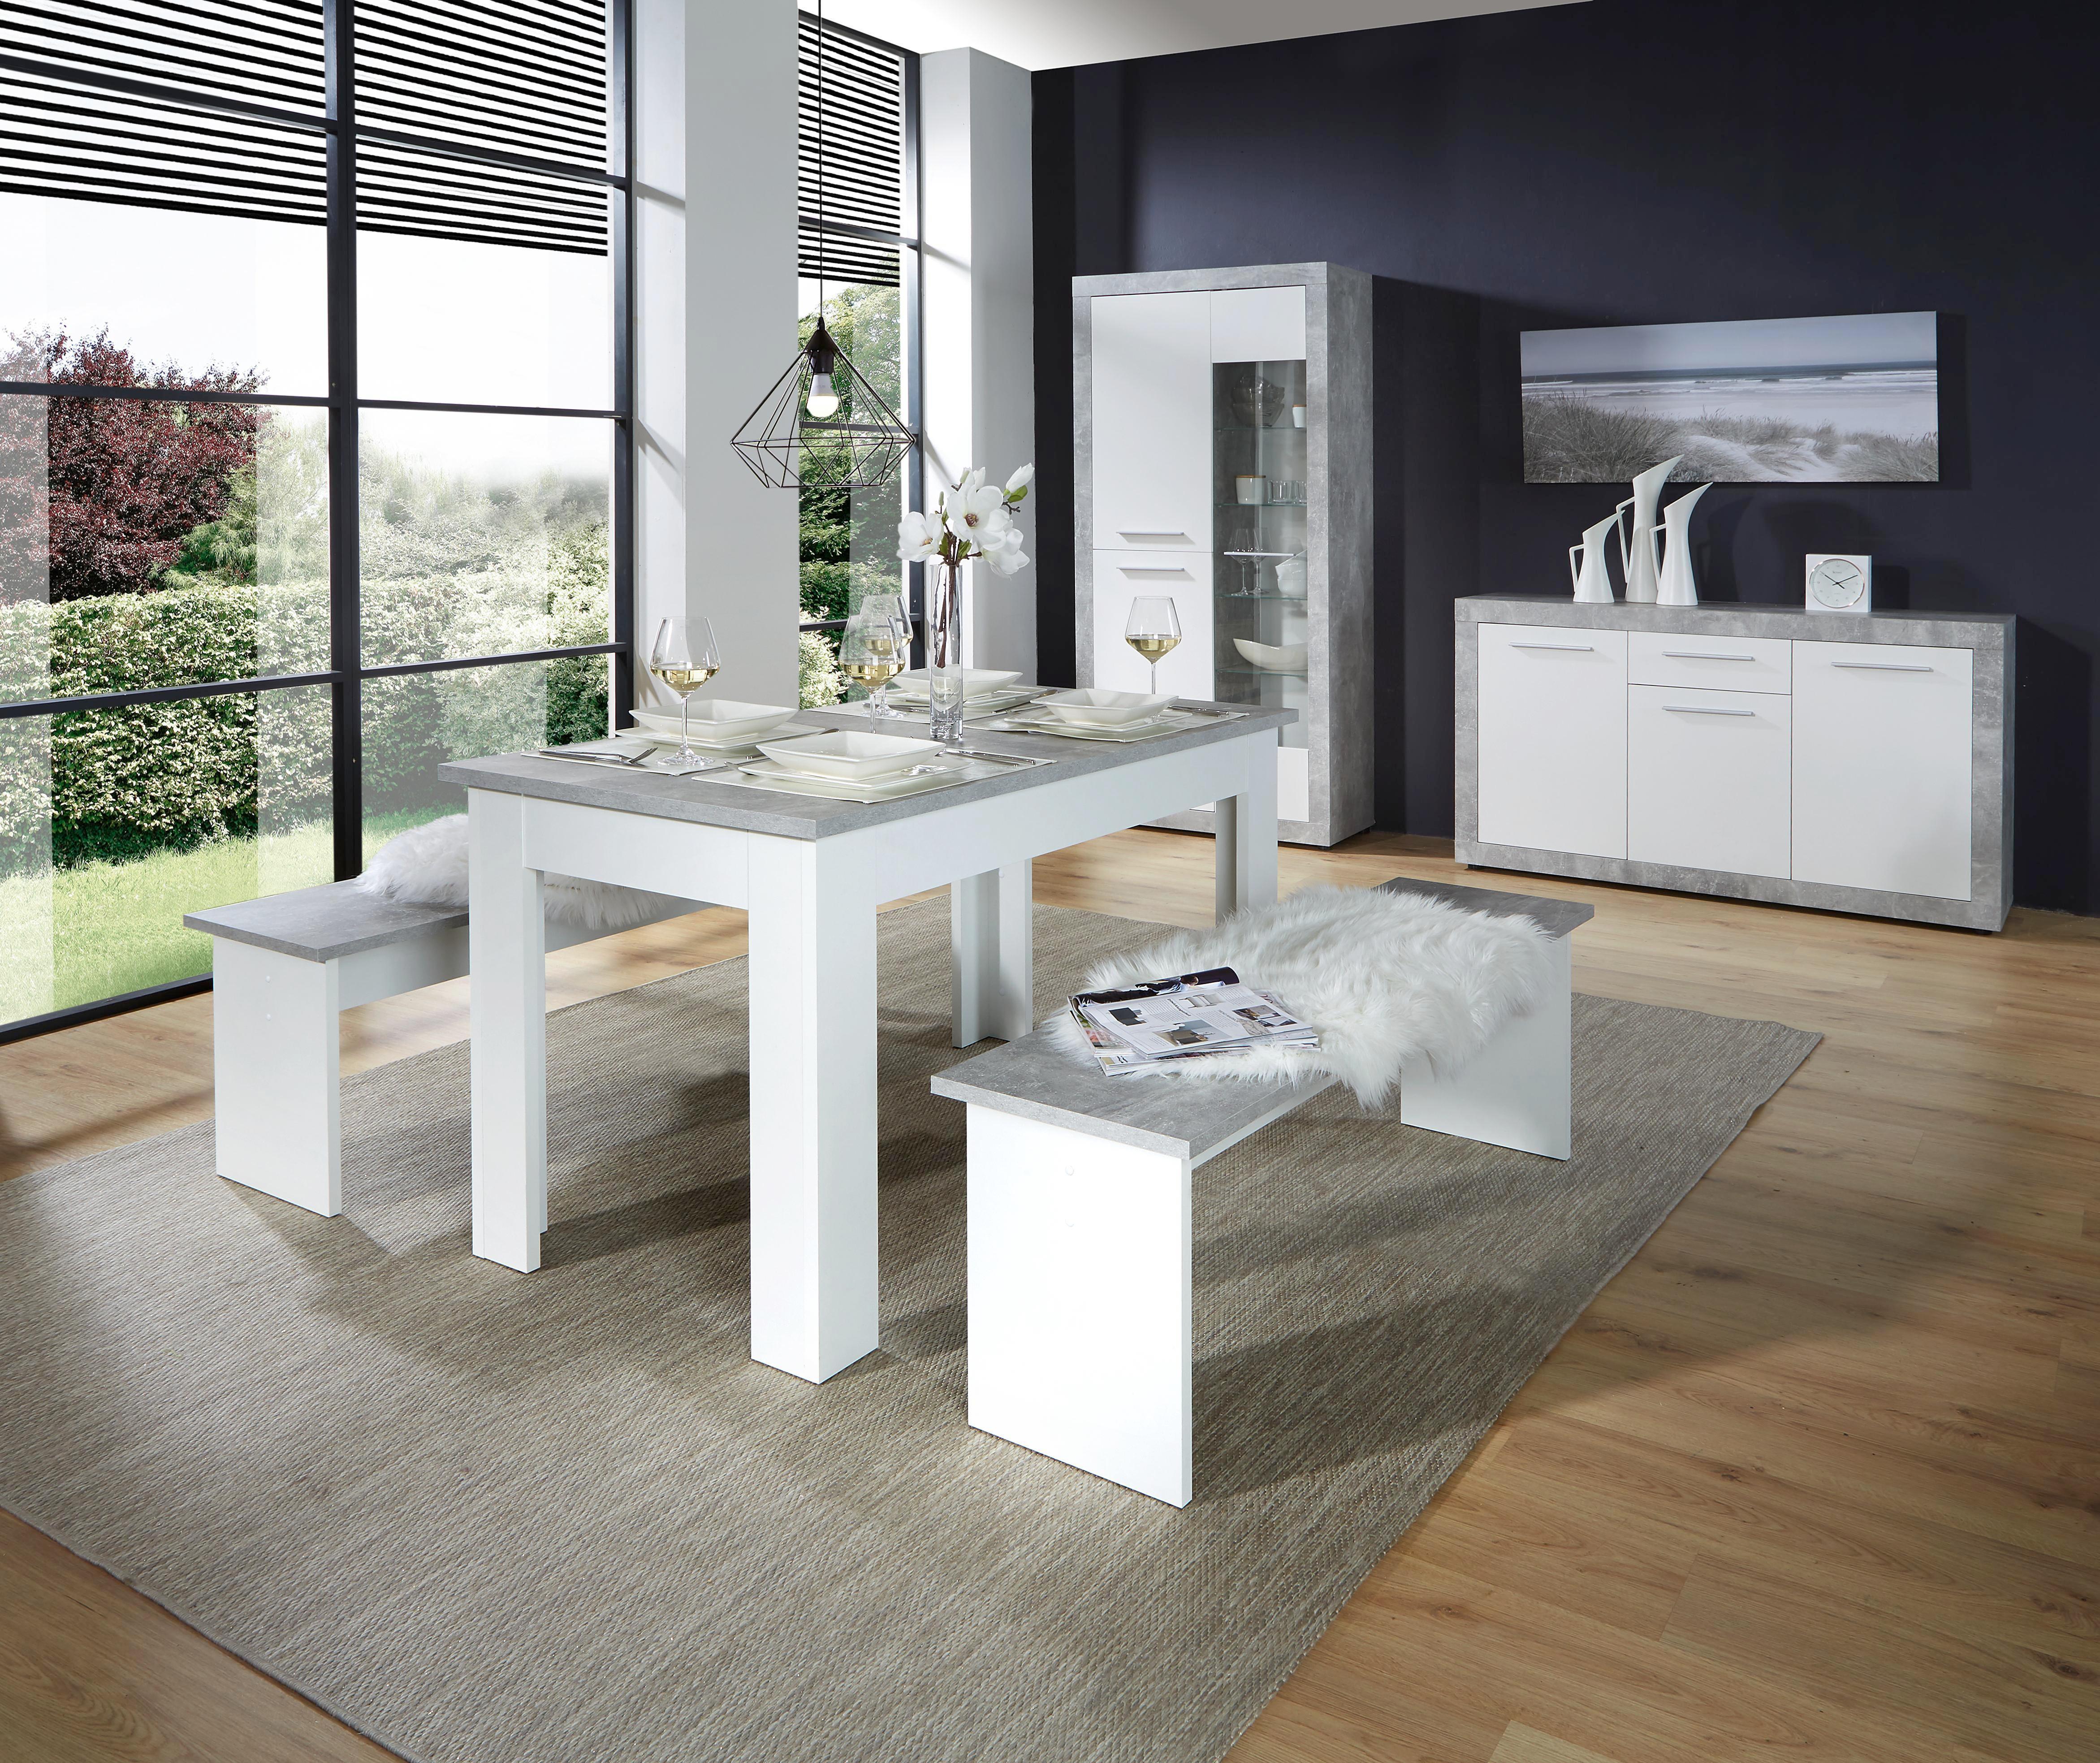 Komoda Sideboard Strada*cenový Trhák* - bílá, Konvenční, dřevěný materiál (149/86/41cm)